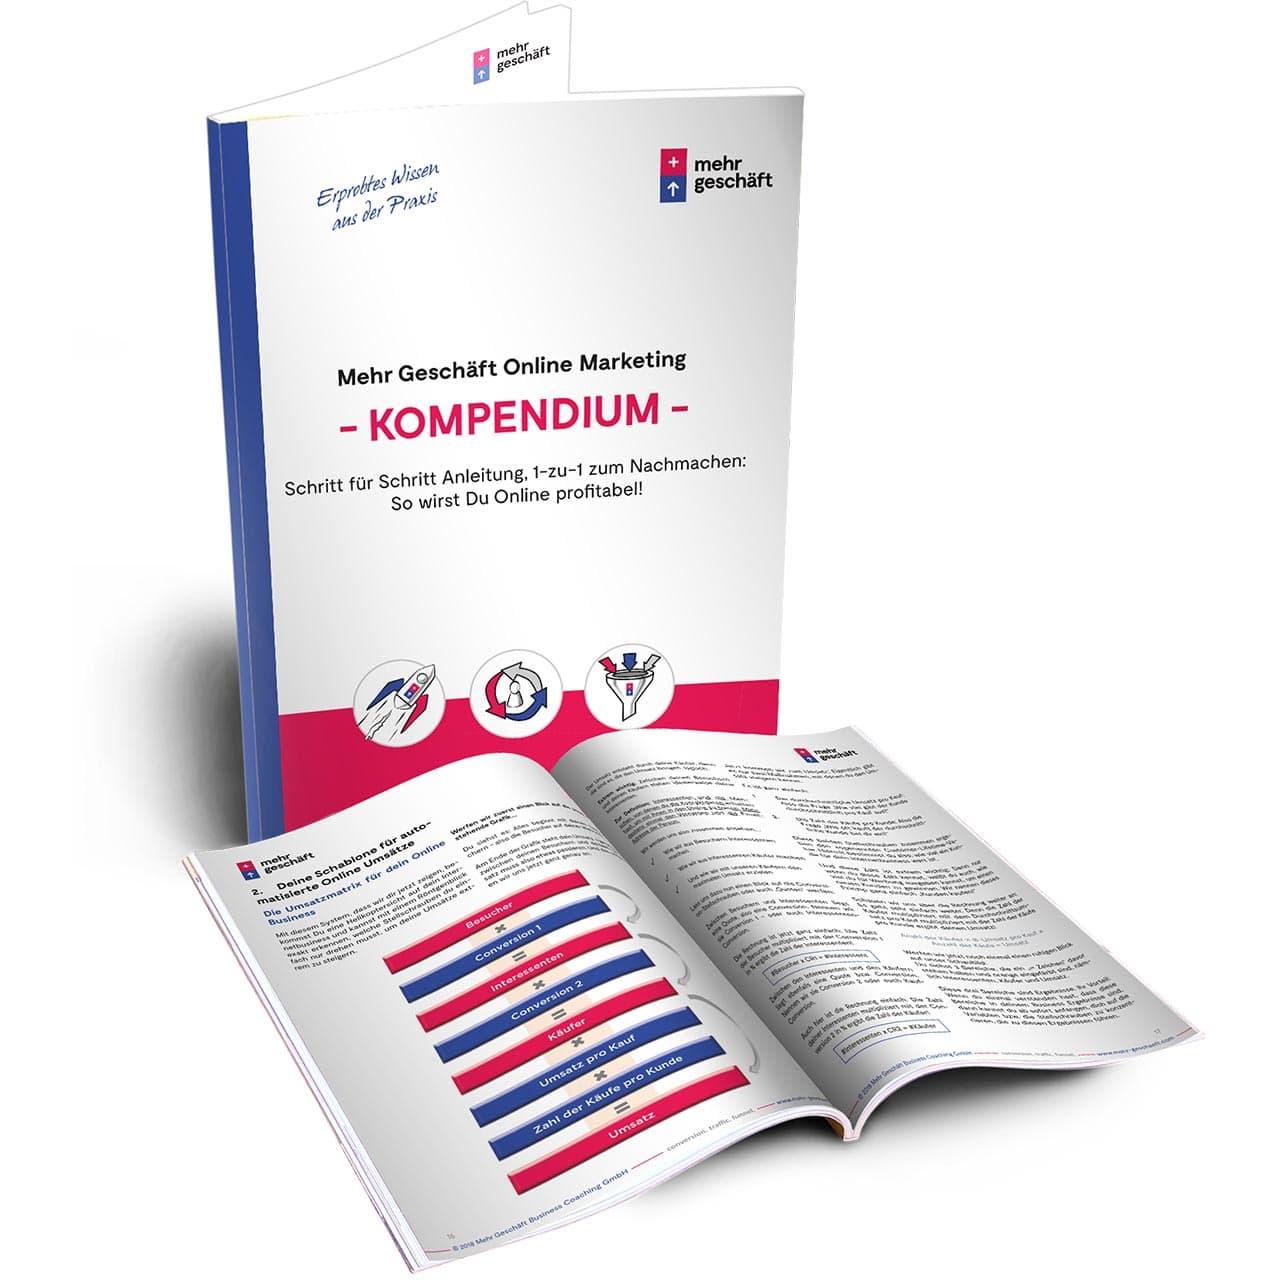 Mehr Geschäft Online Marketing Kompendium (Print & PDF)